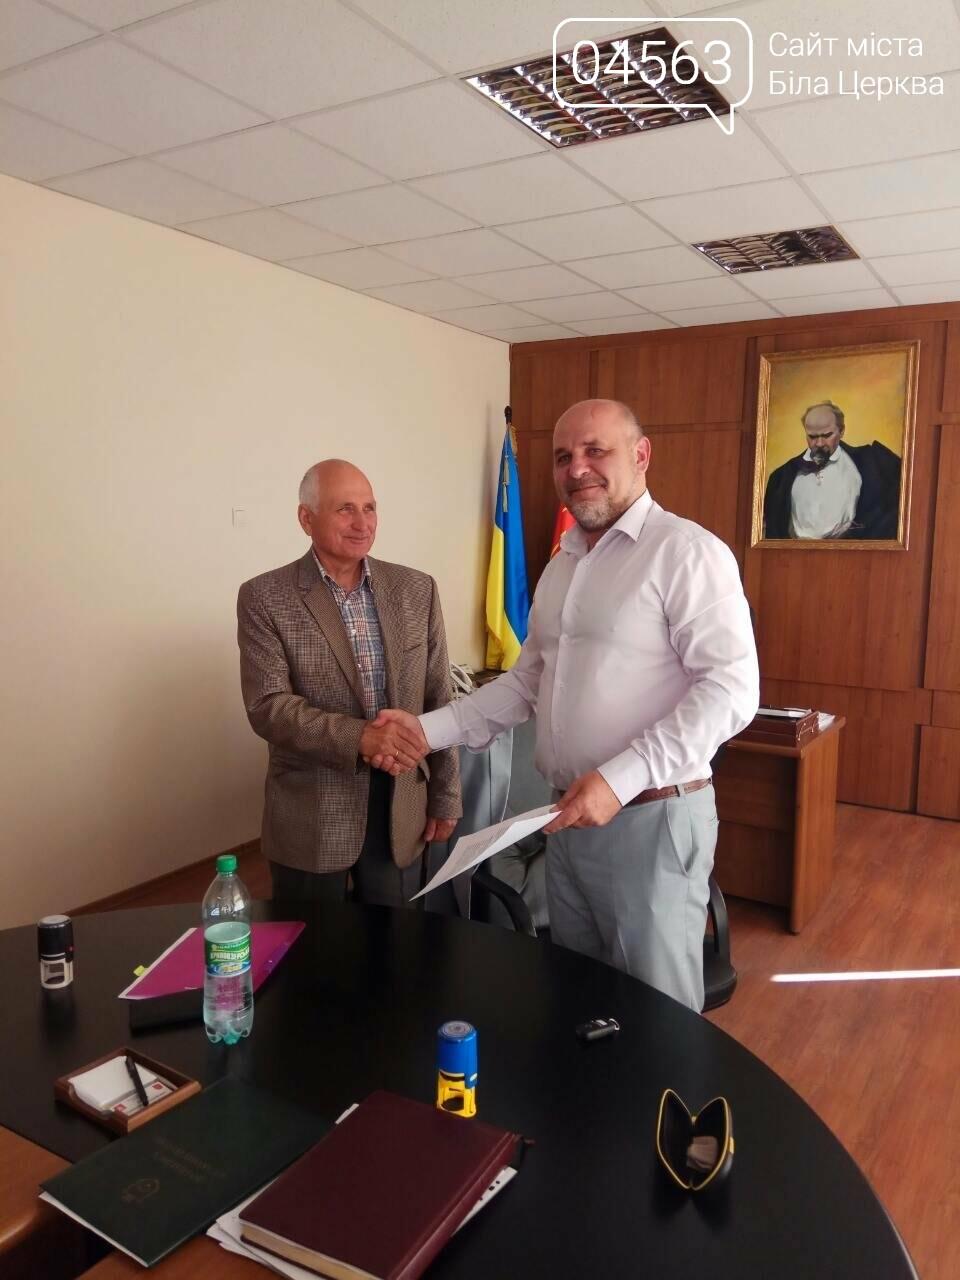 Територіальні громади м. Біла Церква та с. Фурси підписали Меморандум про мпівпрацю